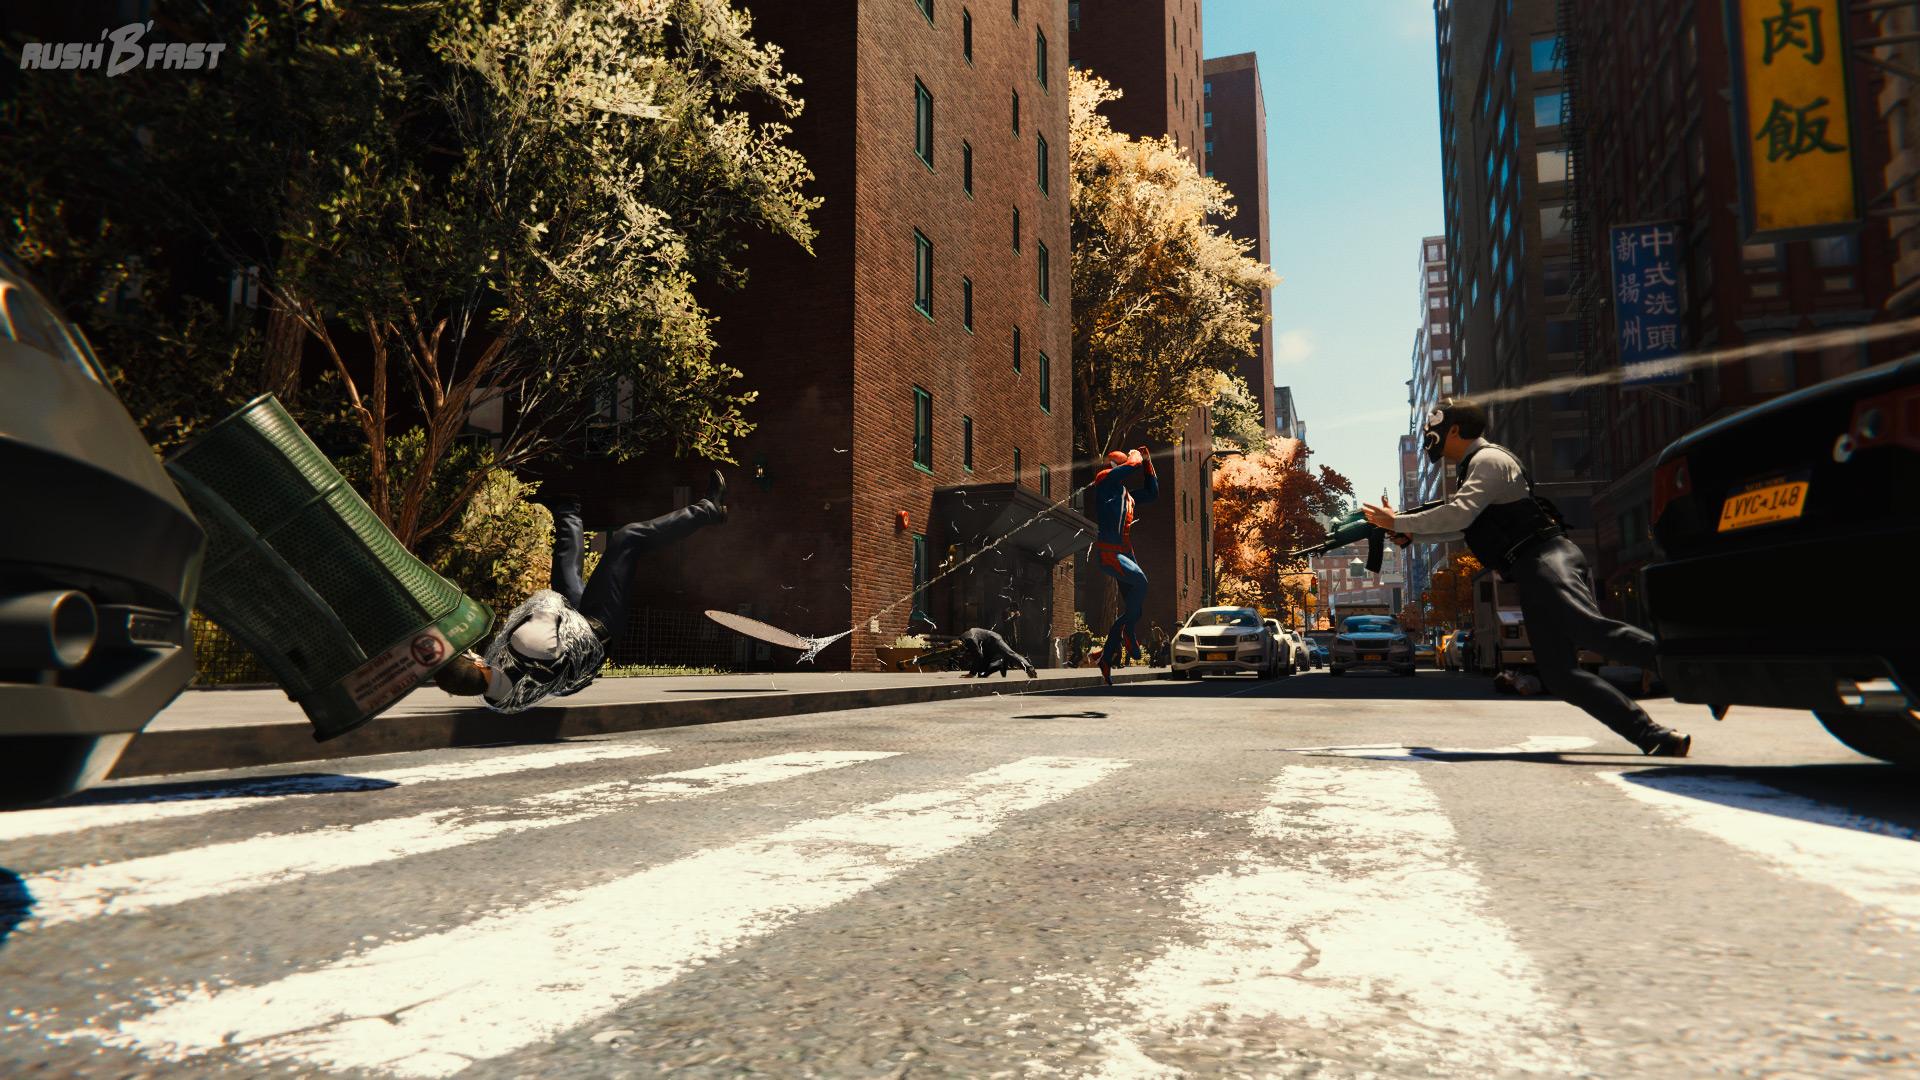 Marvel's Spider-Man - Mit gekonnten Schwüngen werfen wir den Bösewichten alles an den Kopf, was nicht bei drei auf den Bäumen ist.